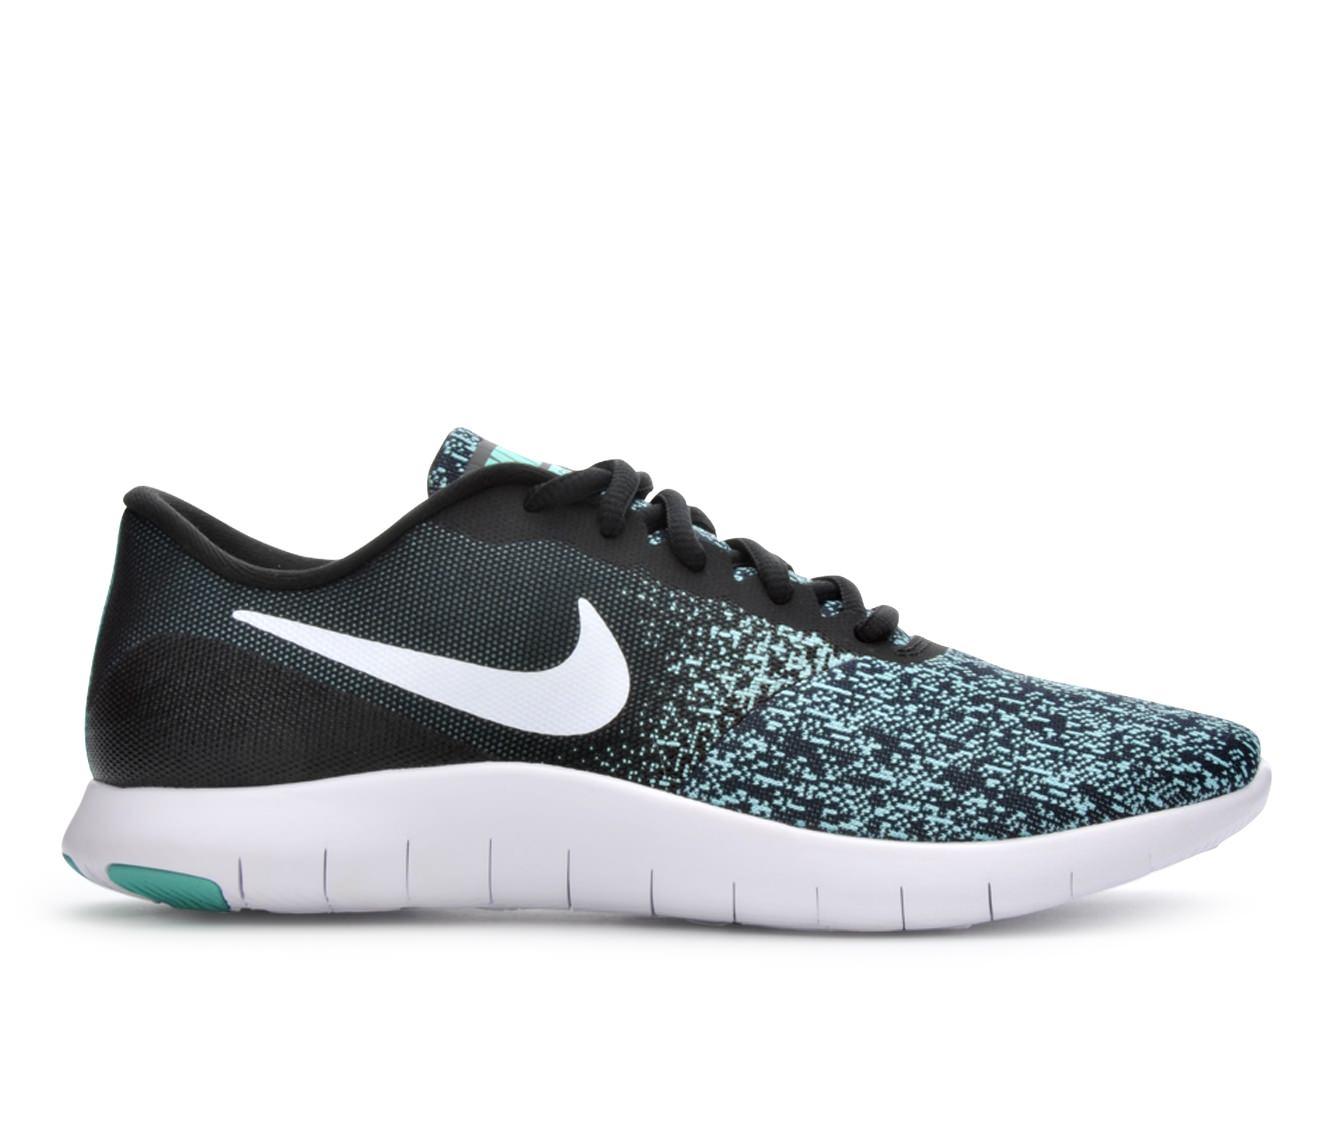 Women's Nike Flex Contact Running Shoes (Black - Size 7) 1649250